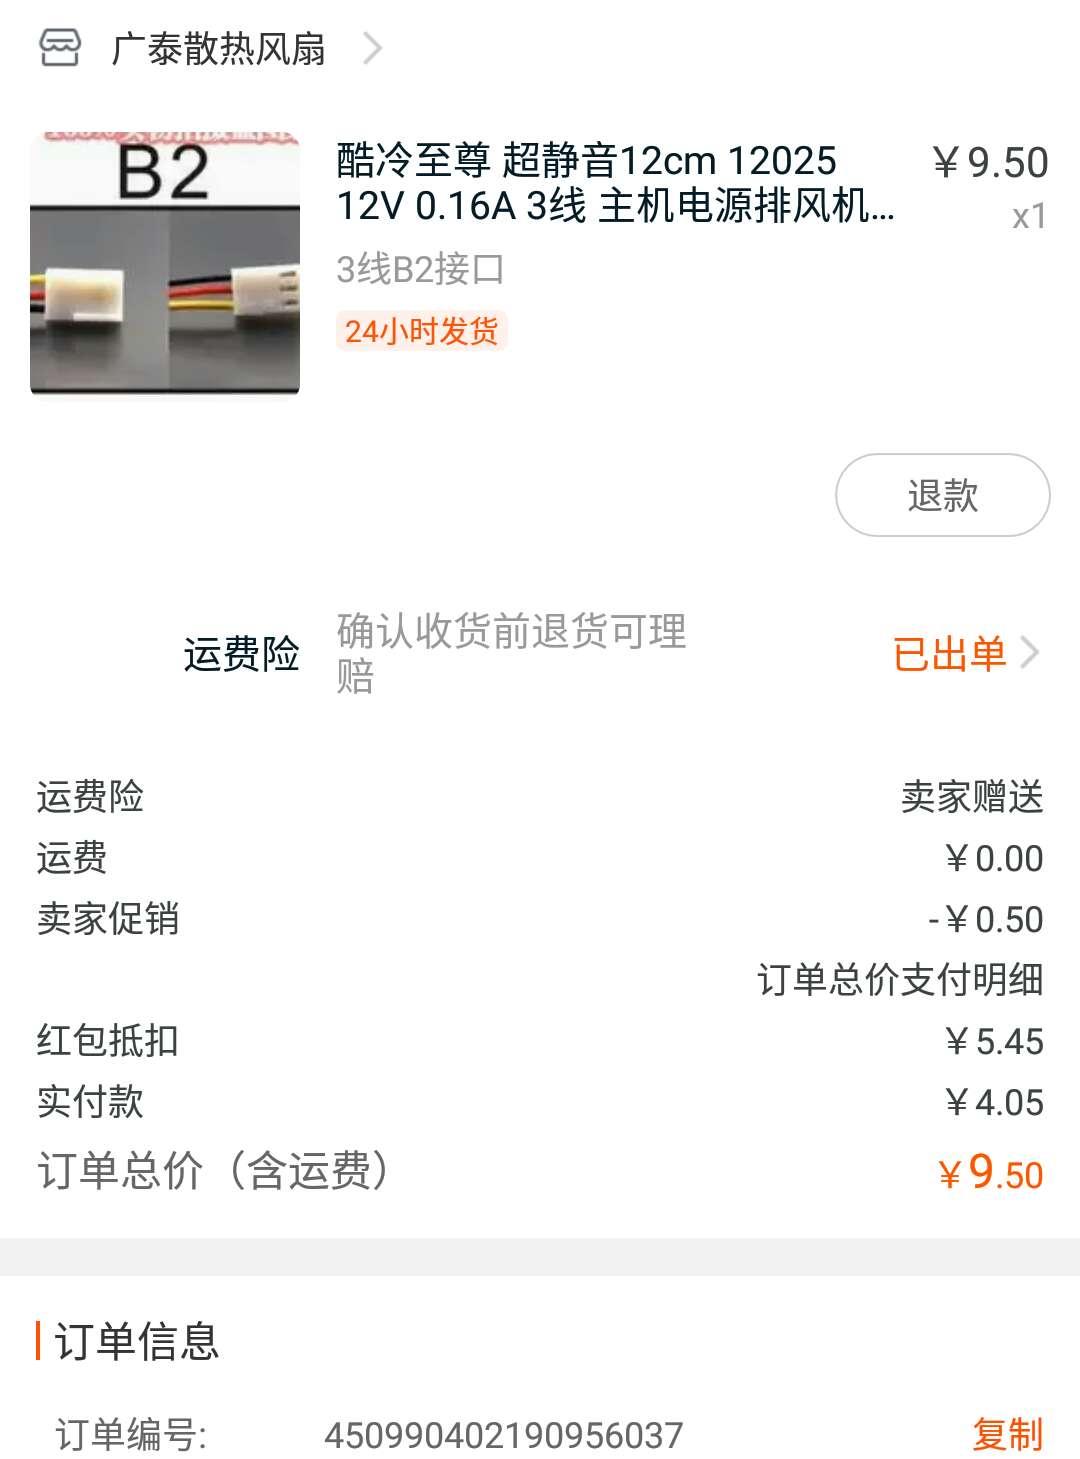 星际蜗牛C款i211网卡服务器(第九篇)风扇改造终局篇 互联网IT 第1张